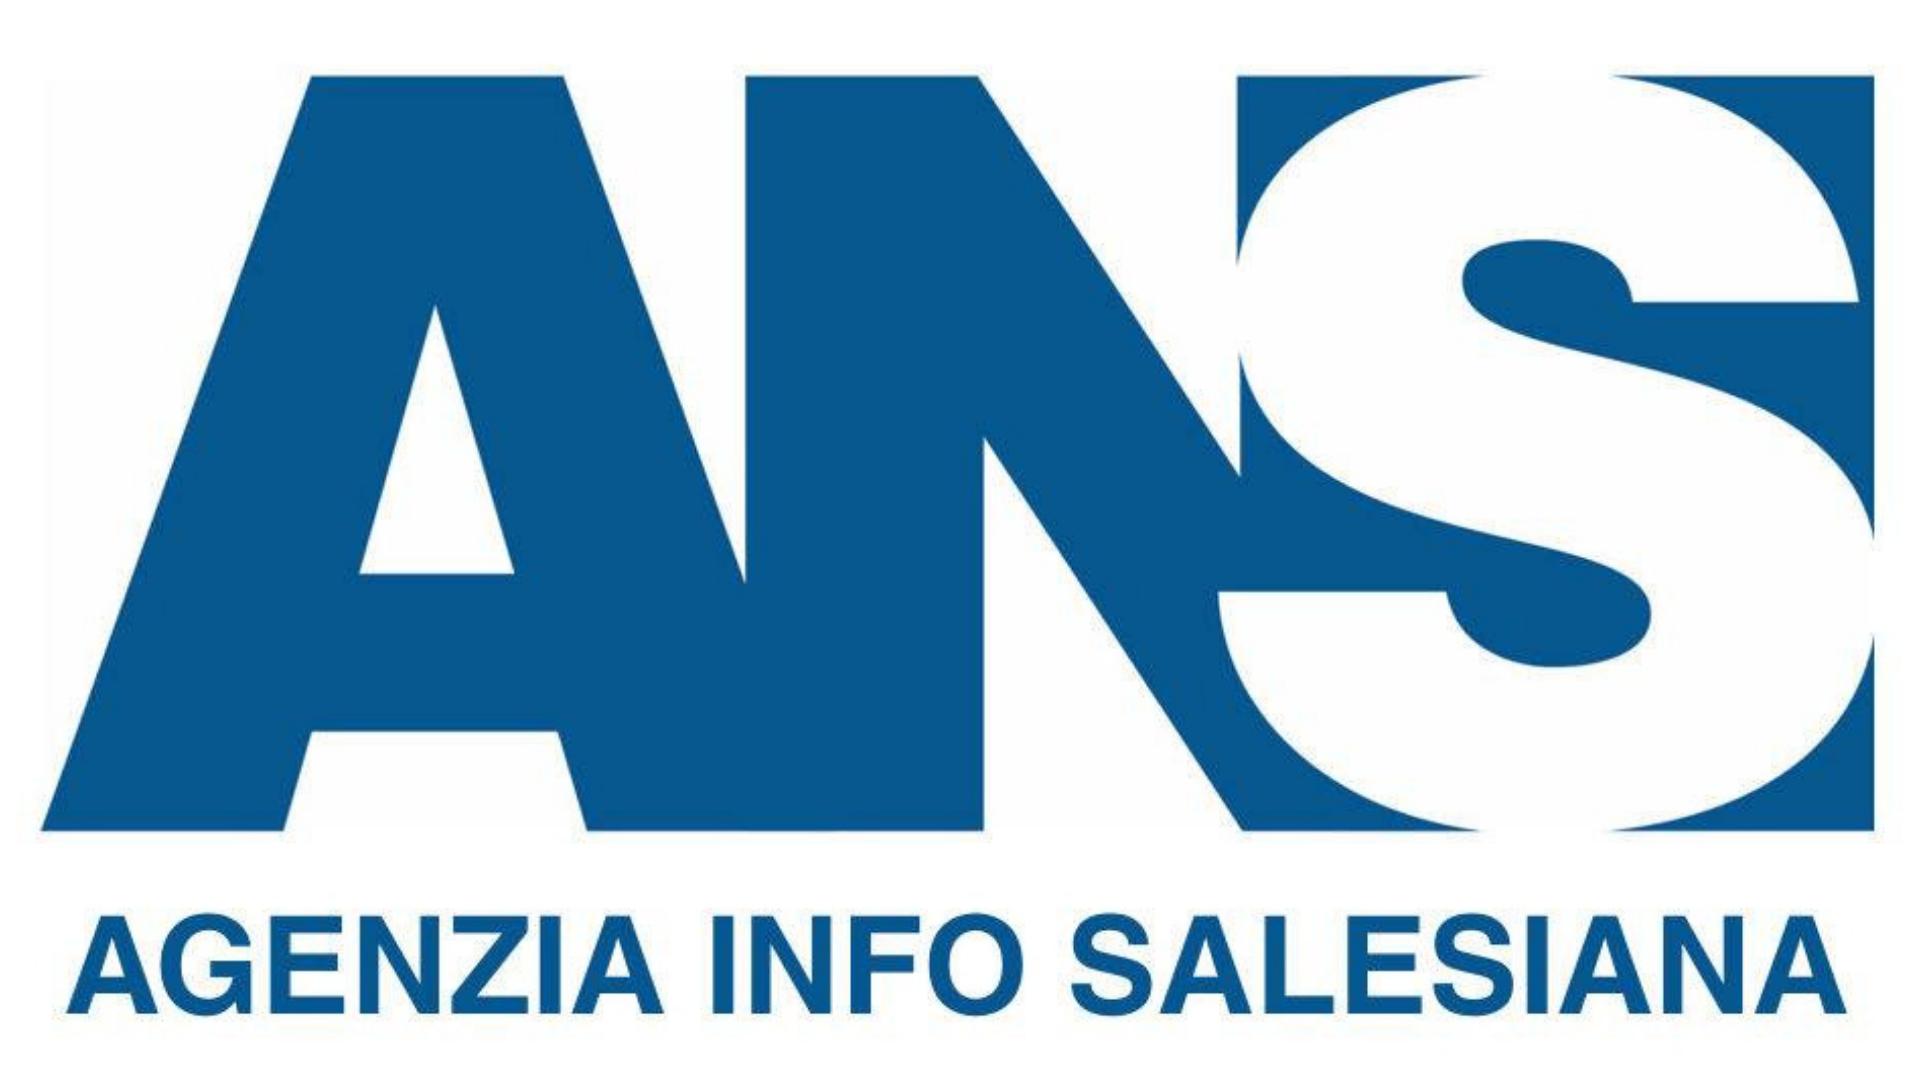 Agenzia Informazione Salesiana